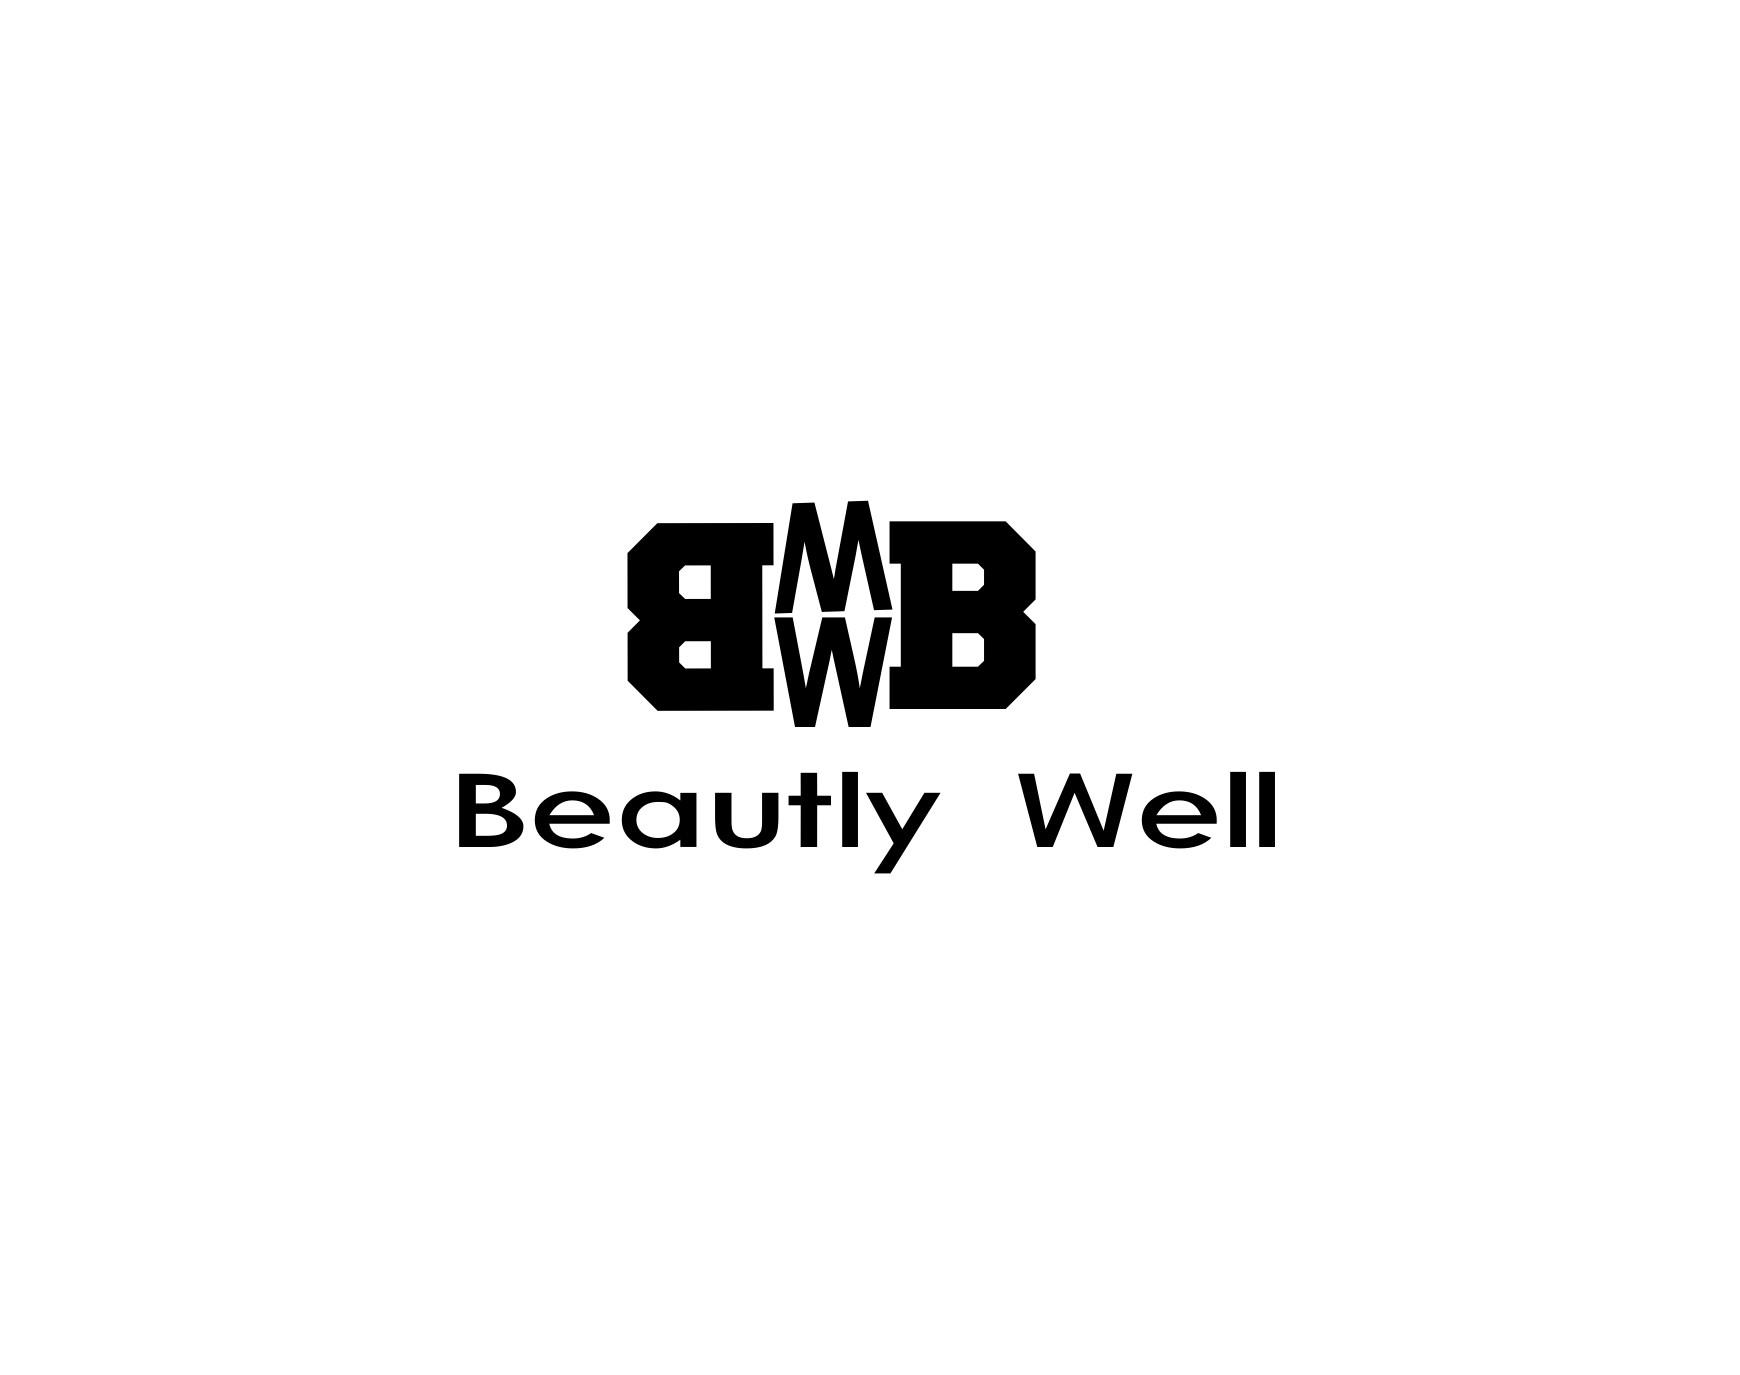 创意说明:    logo造型结合字母b和w构思而成,从而让人容易联想到贵公司的名称。颜色上取为蓝色和绿色的结合色青色,突出贵公司产品天然绿色健康的概念。总体上简单大方,让人一目了然的感觉。  以上为创意说明,谢谢检阅,希望采纳!谢谢!